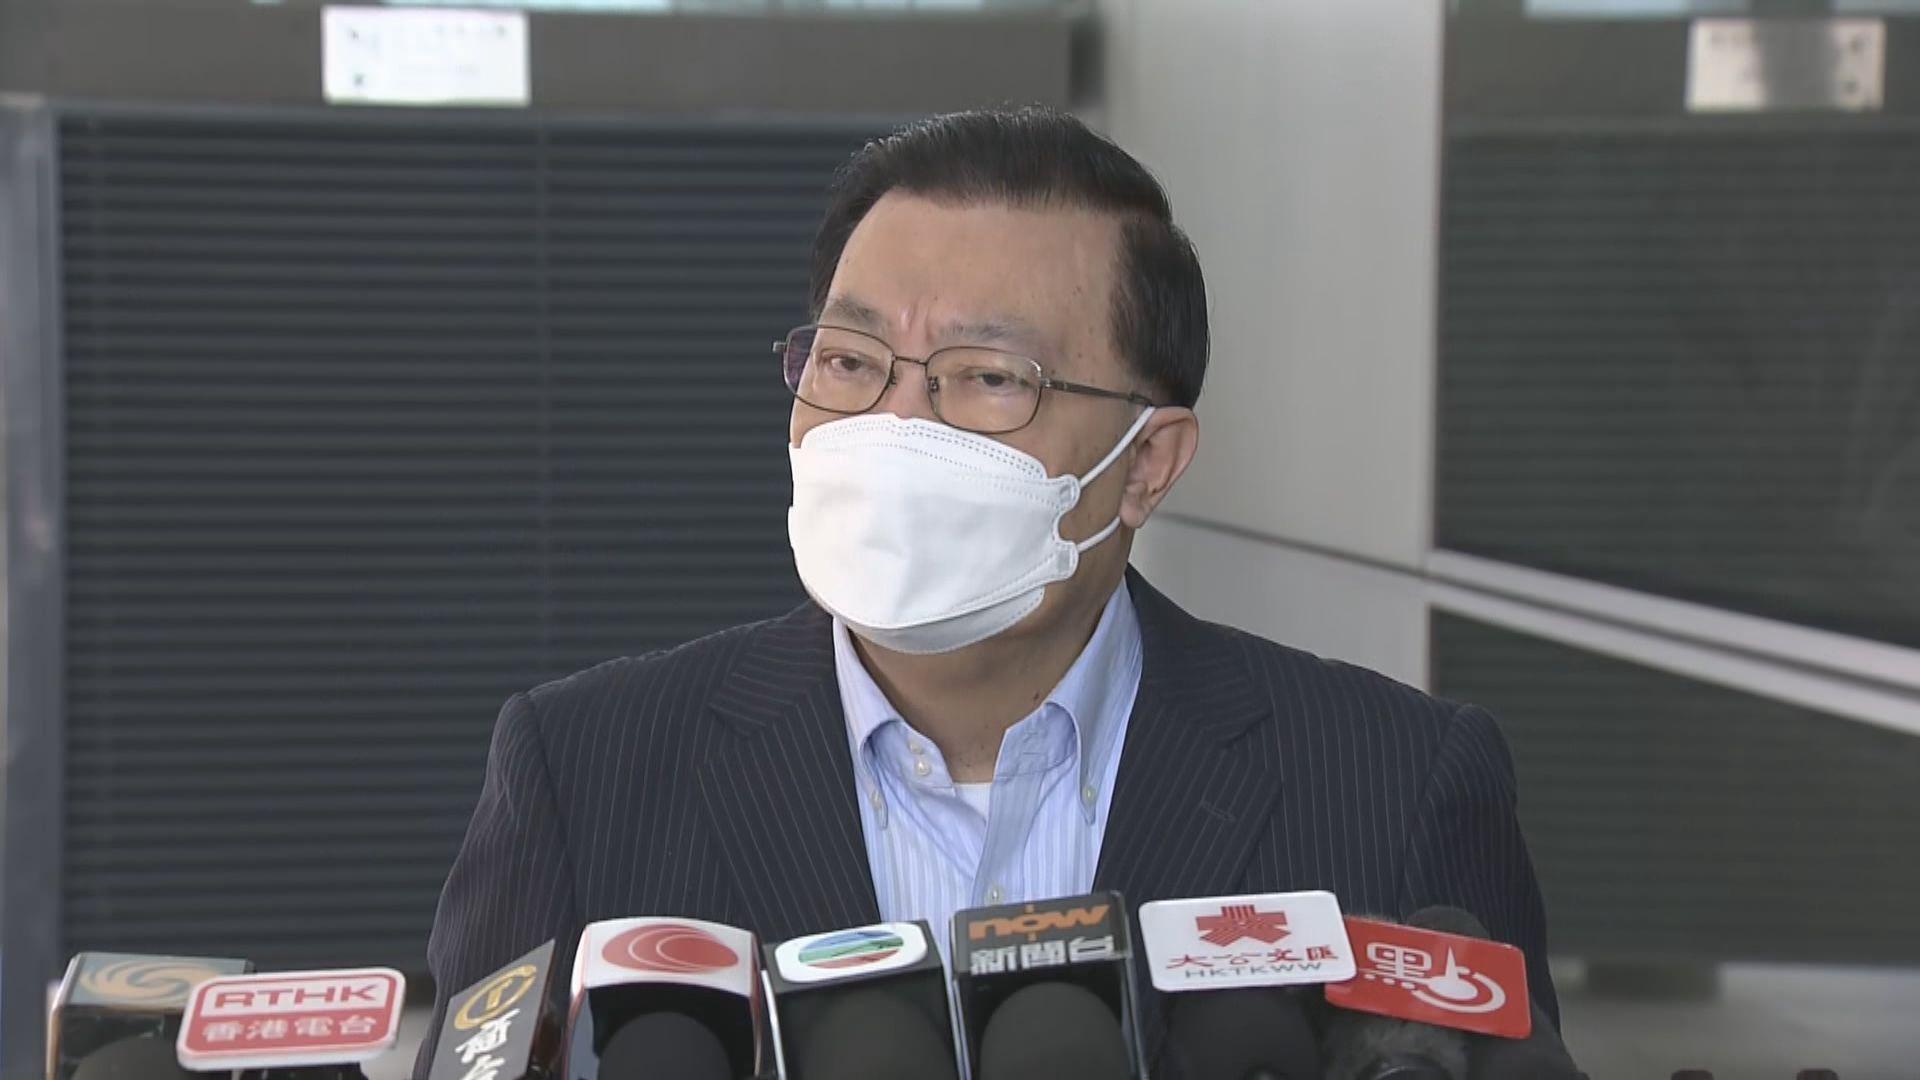 譚耀宗:若討論成熟 人大常委或周二表決修改香港選舉制度